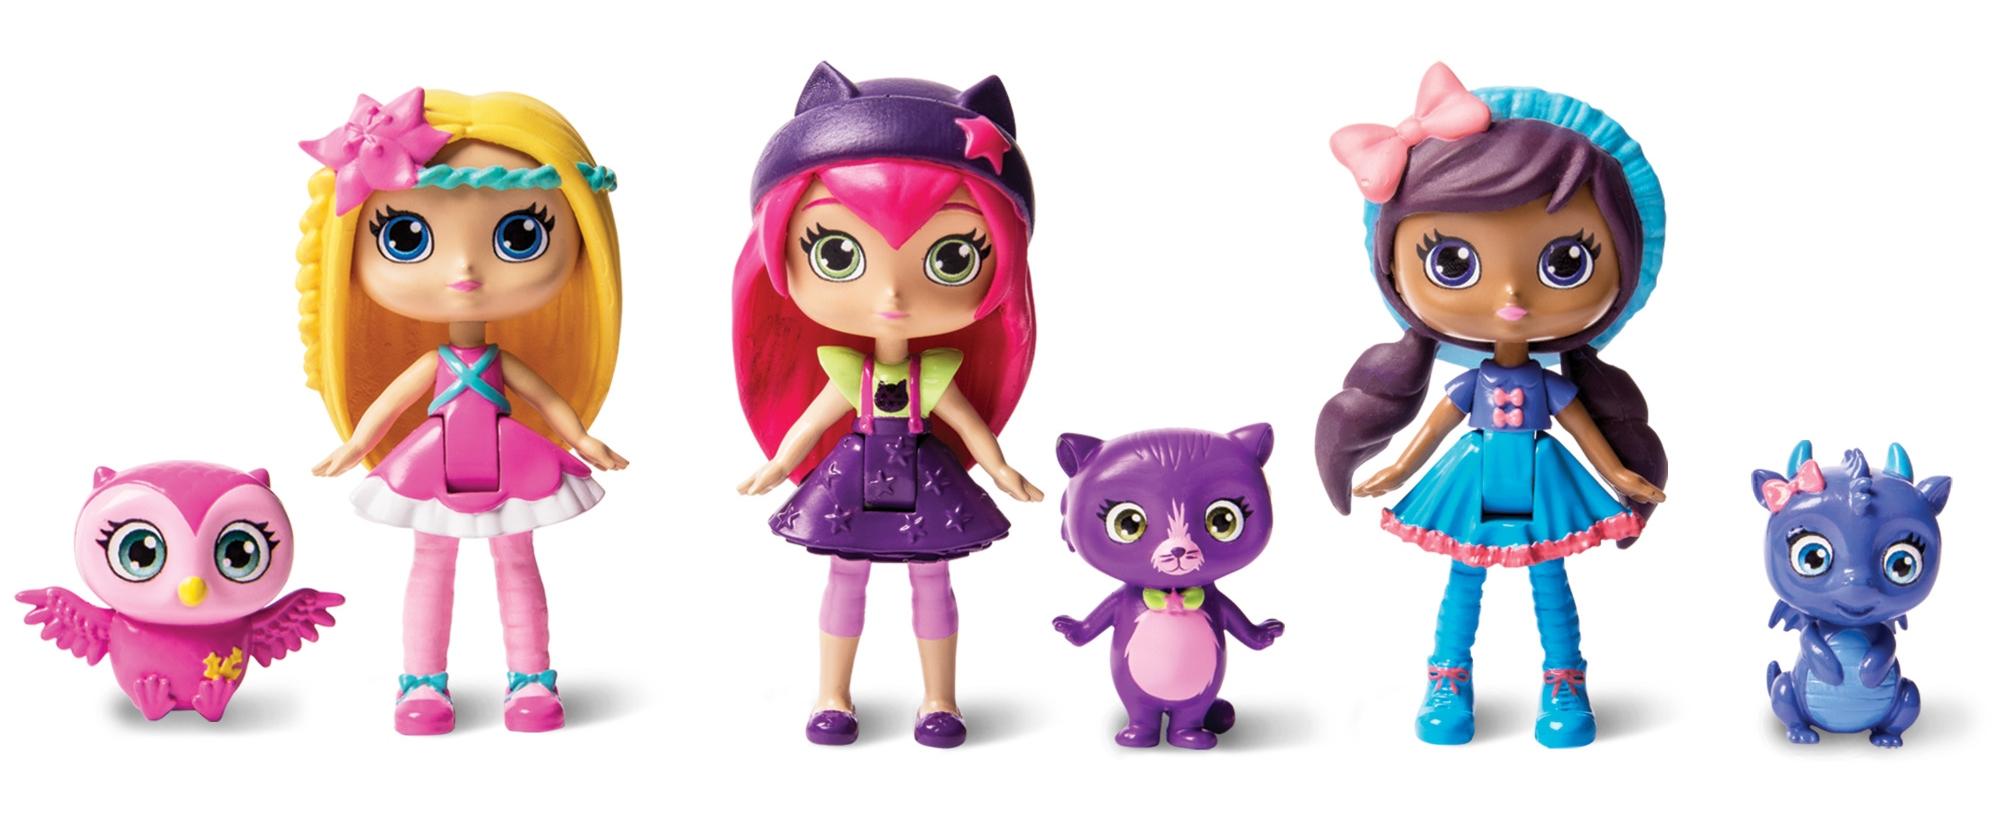 Фигурки героев мультфильмов Little Charmers 71708 игрушка little charmers кукла